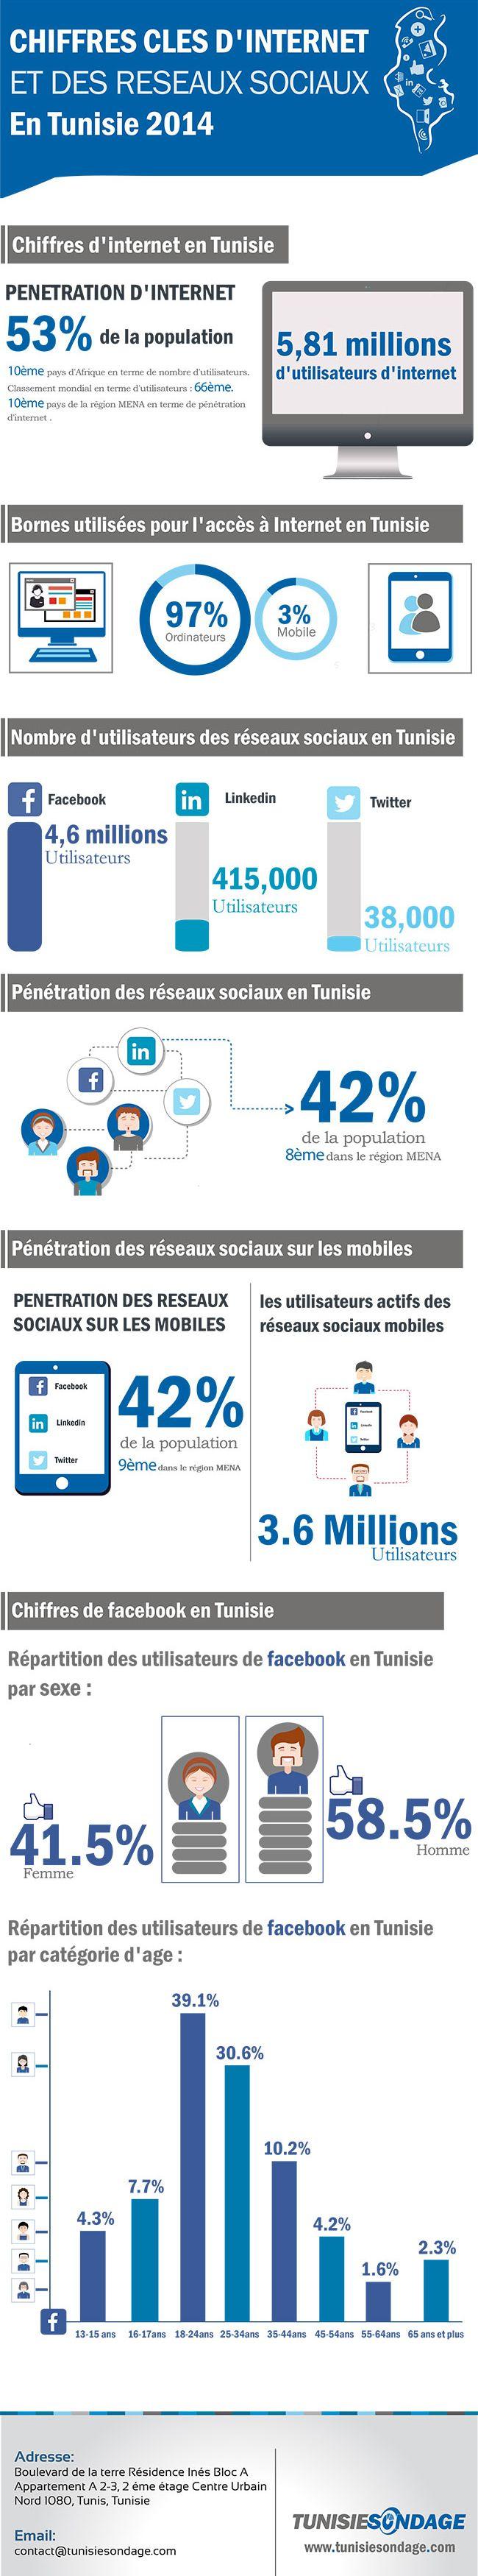 Baromètre 2014 d'Internet et des réseaux sociaux en Tunisie : Le 1er rapport concernant les chiffres clés d'Internet et des réseaux sociaux en Tunisie 2014.